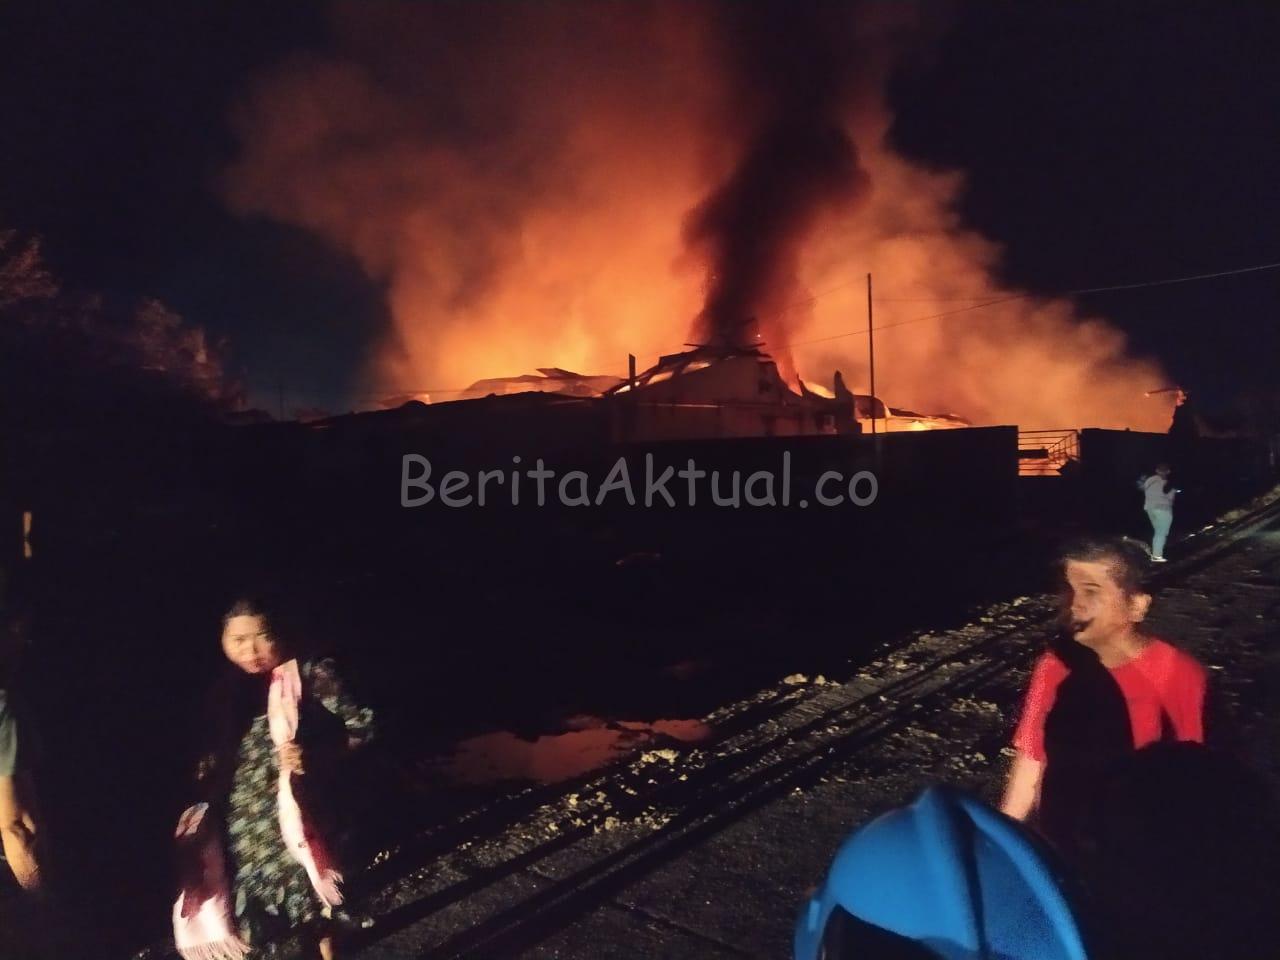 Pabrik Kasur di Kota Sorong Hangus Terbakar, Butuh 3 Jam Api Baru Bisa Dipadamkan 4 IMG 20200615 WA0003